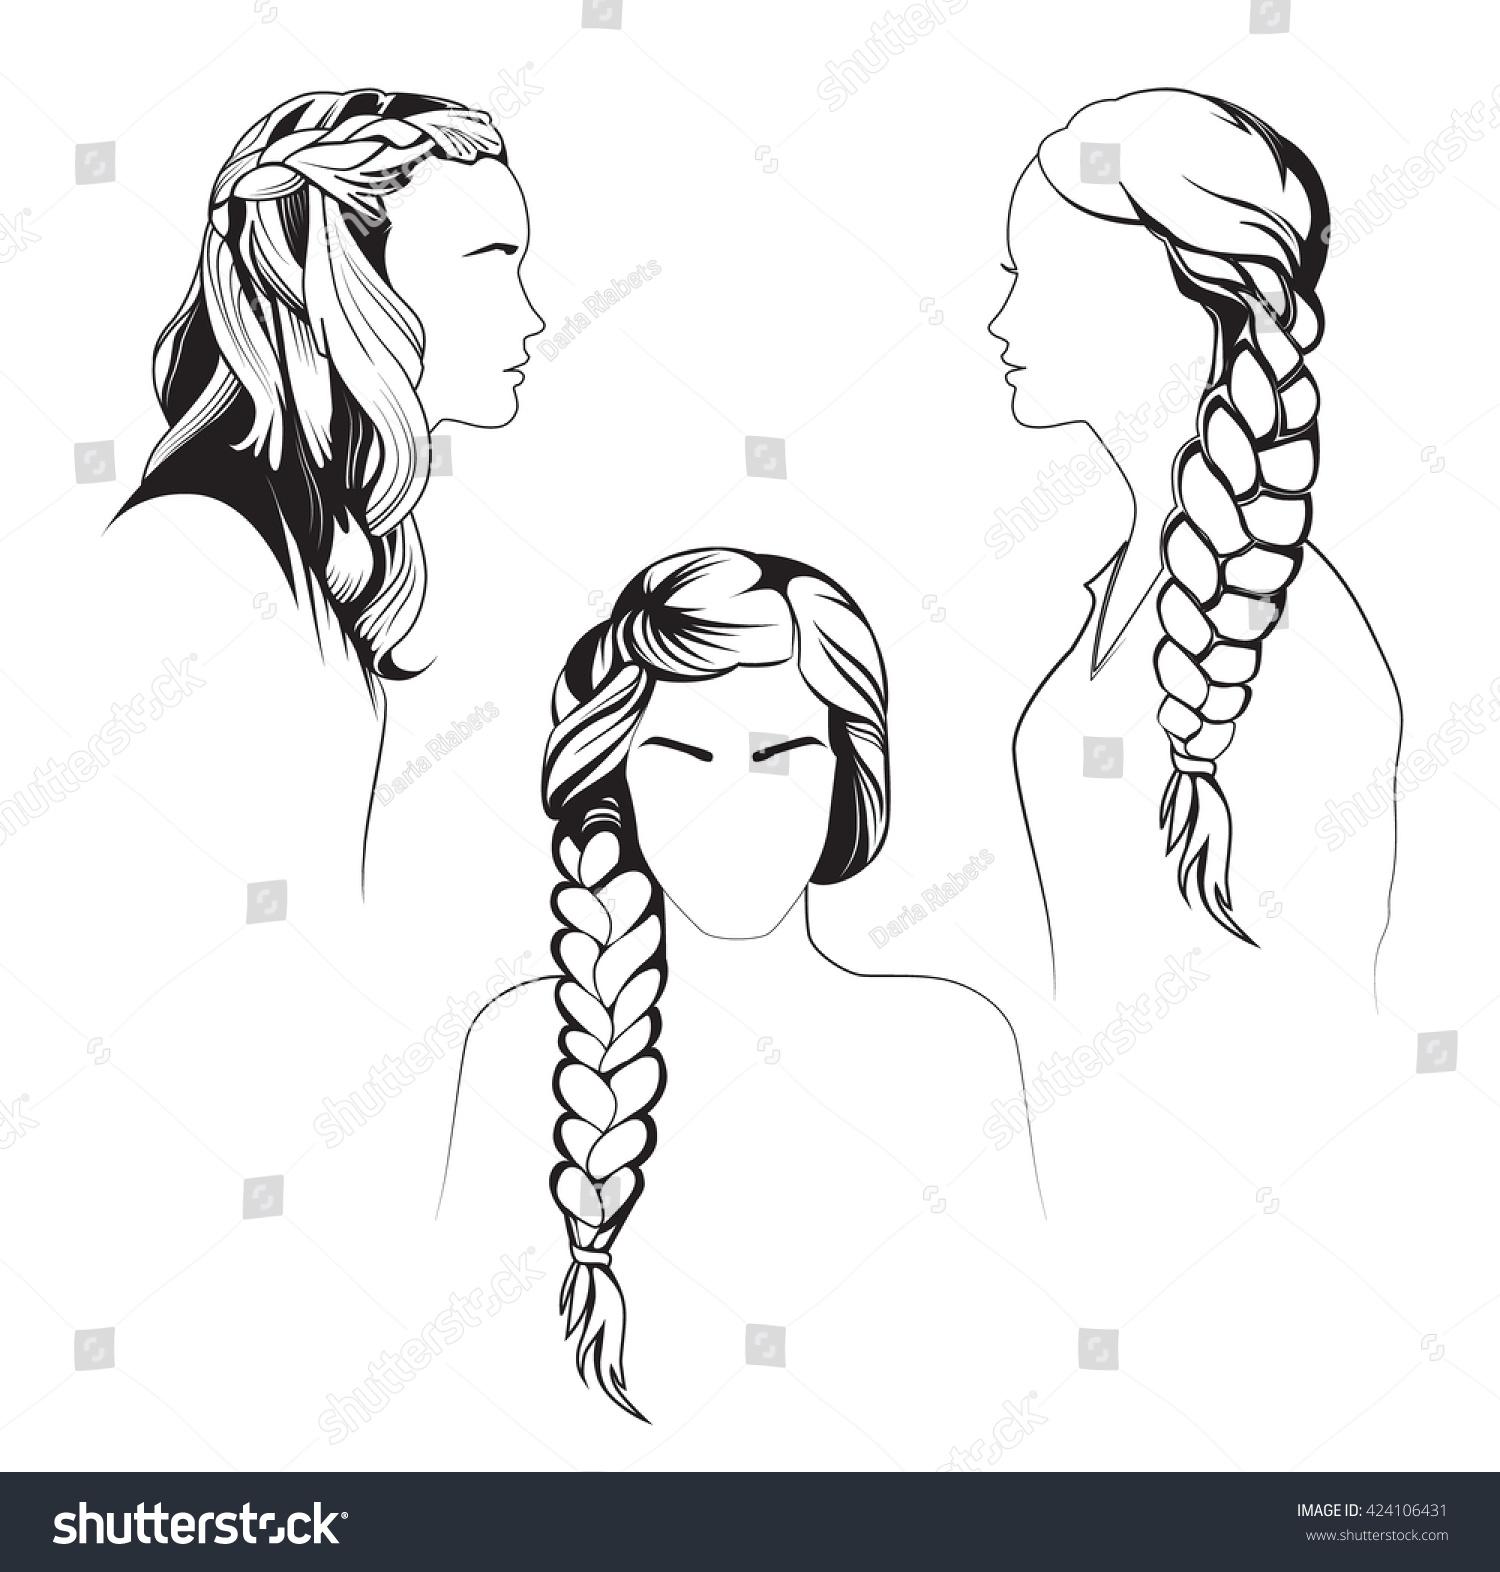 Braid line drawing